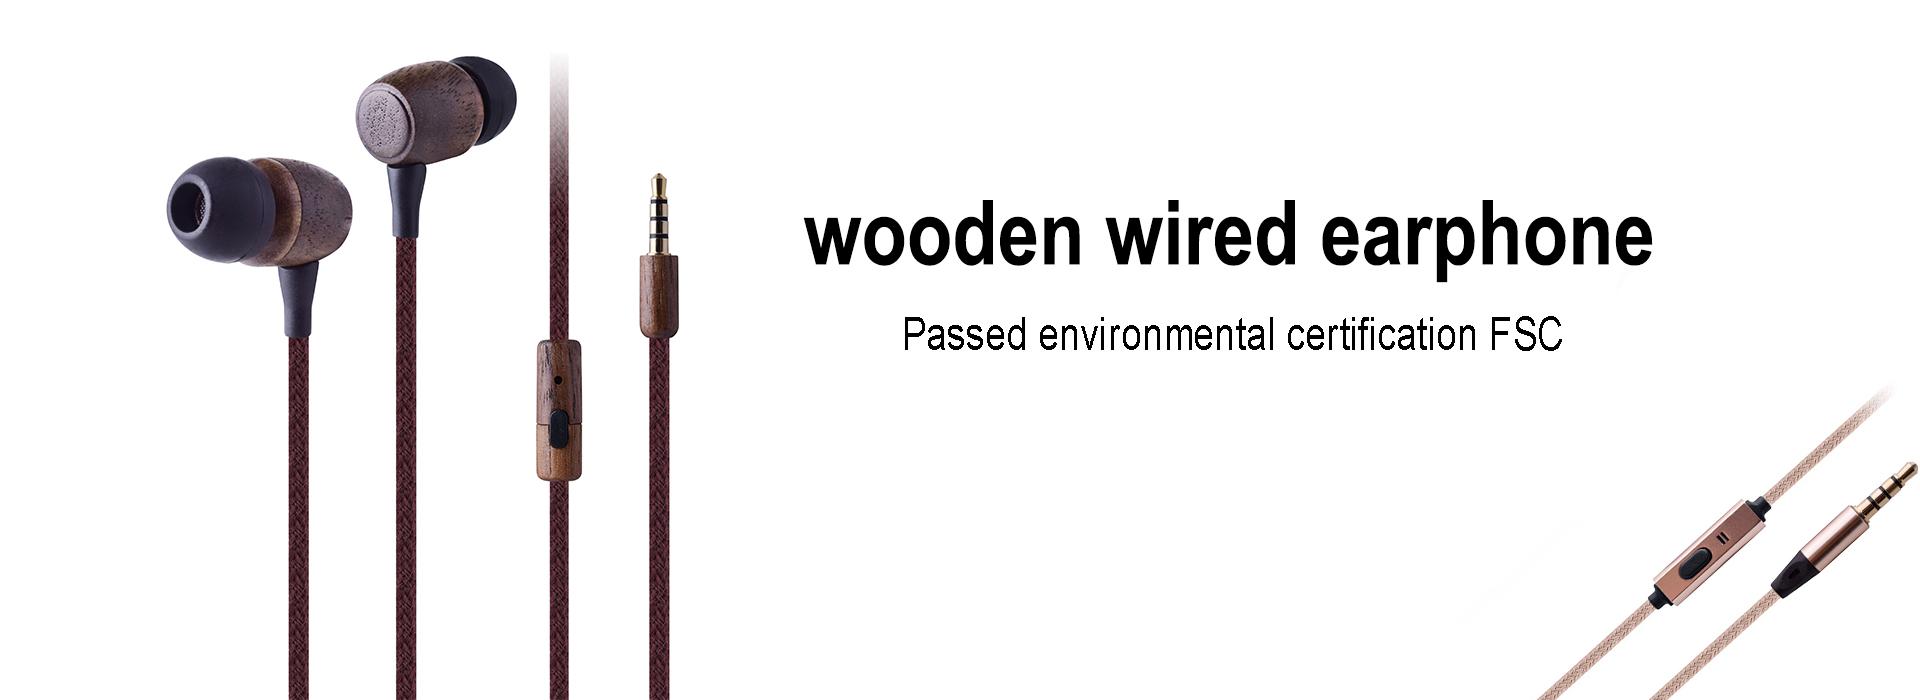 wooden wired earphone